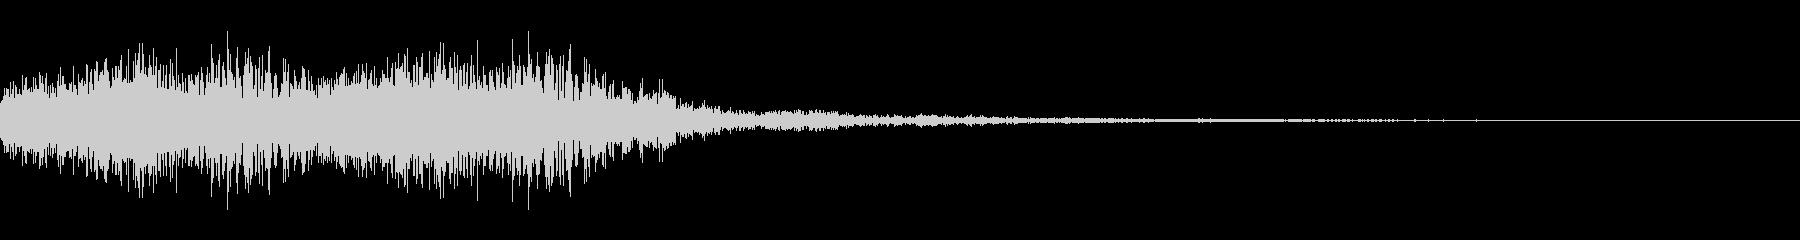 混乱系・アラート音/トゥルルルx4の未再生の波形